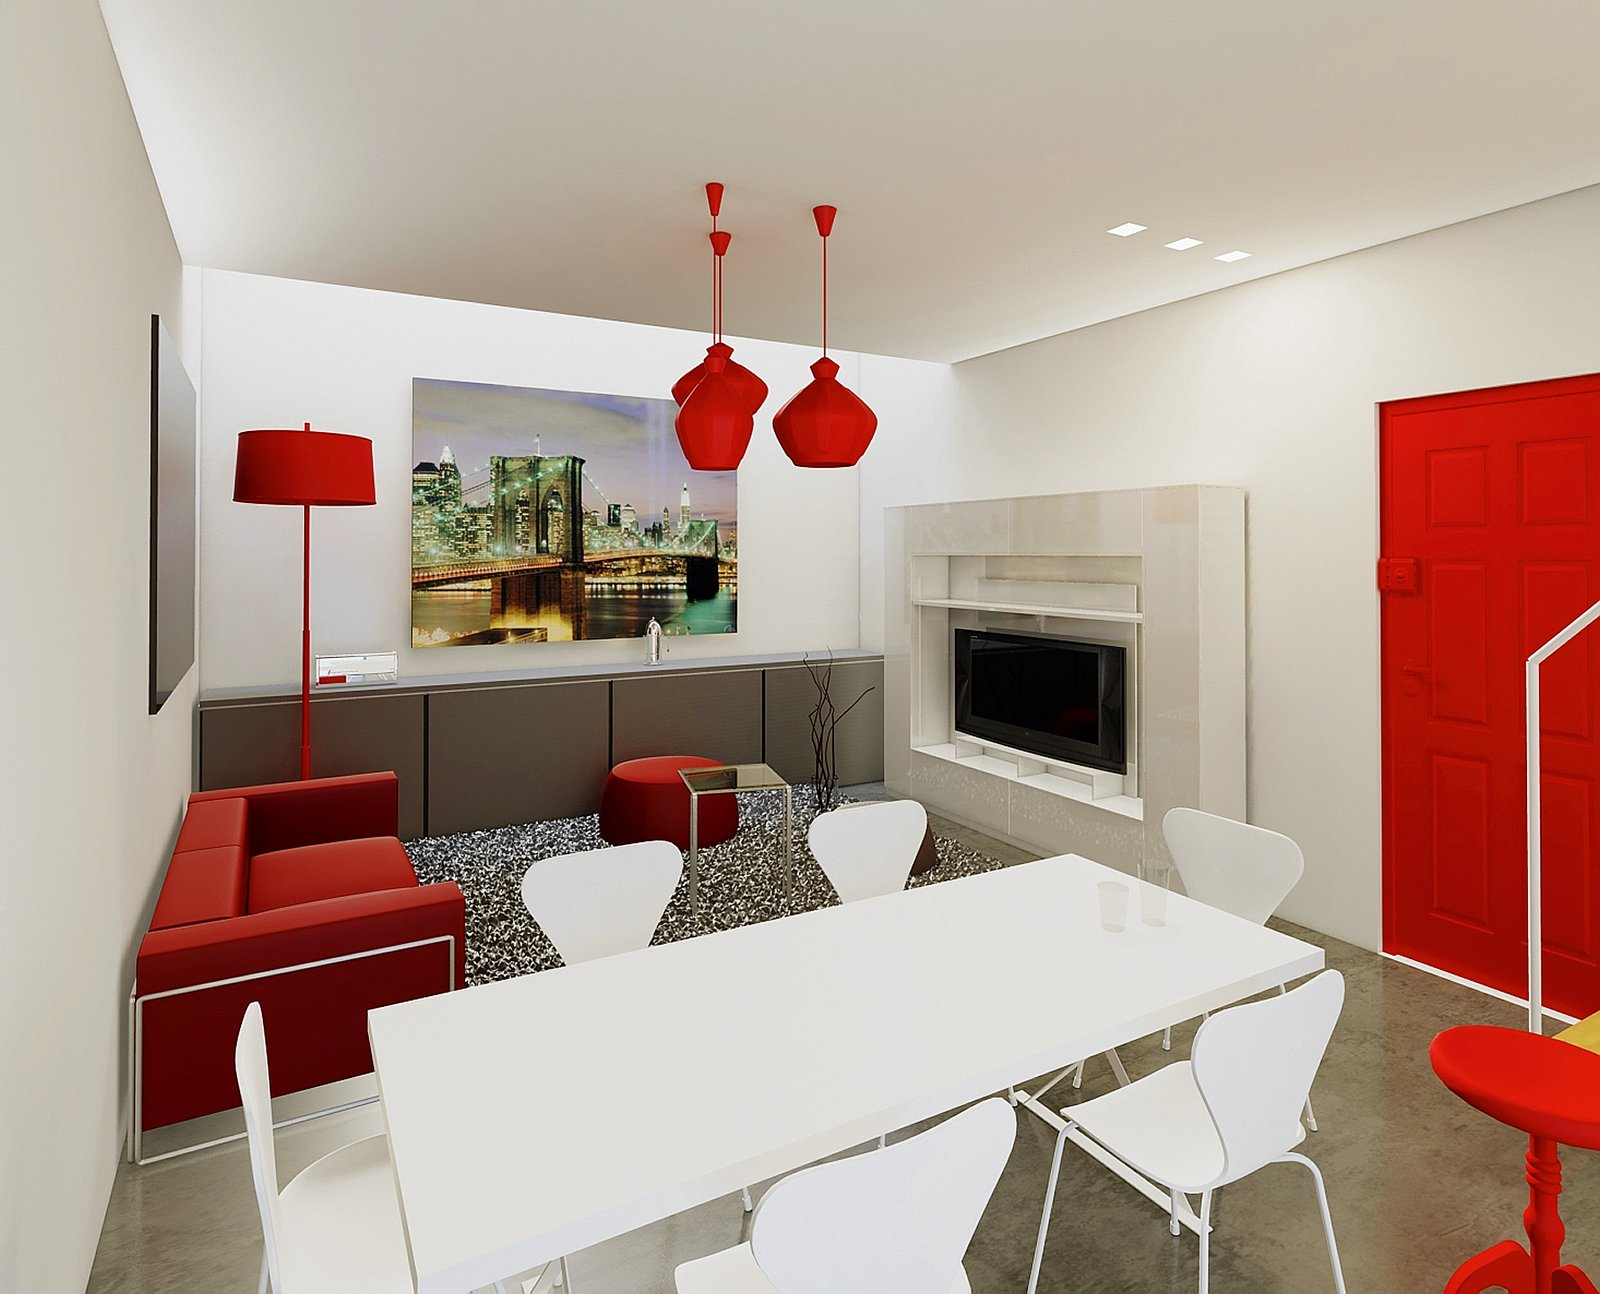 Pi luce 10 idee per moltiplicarla cose di casa - Idee per decorare una stanza ...